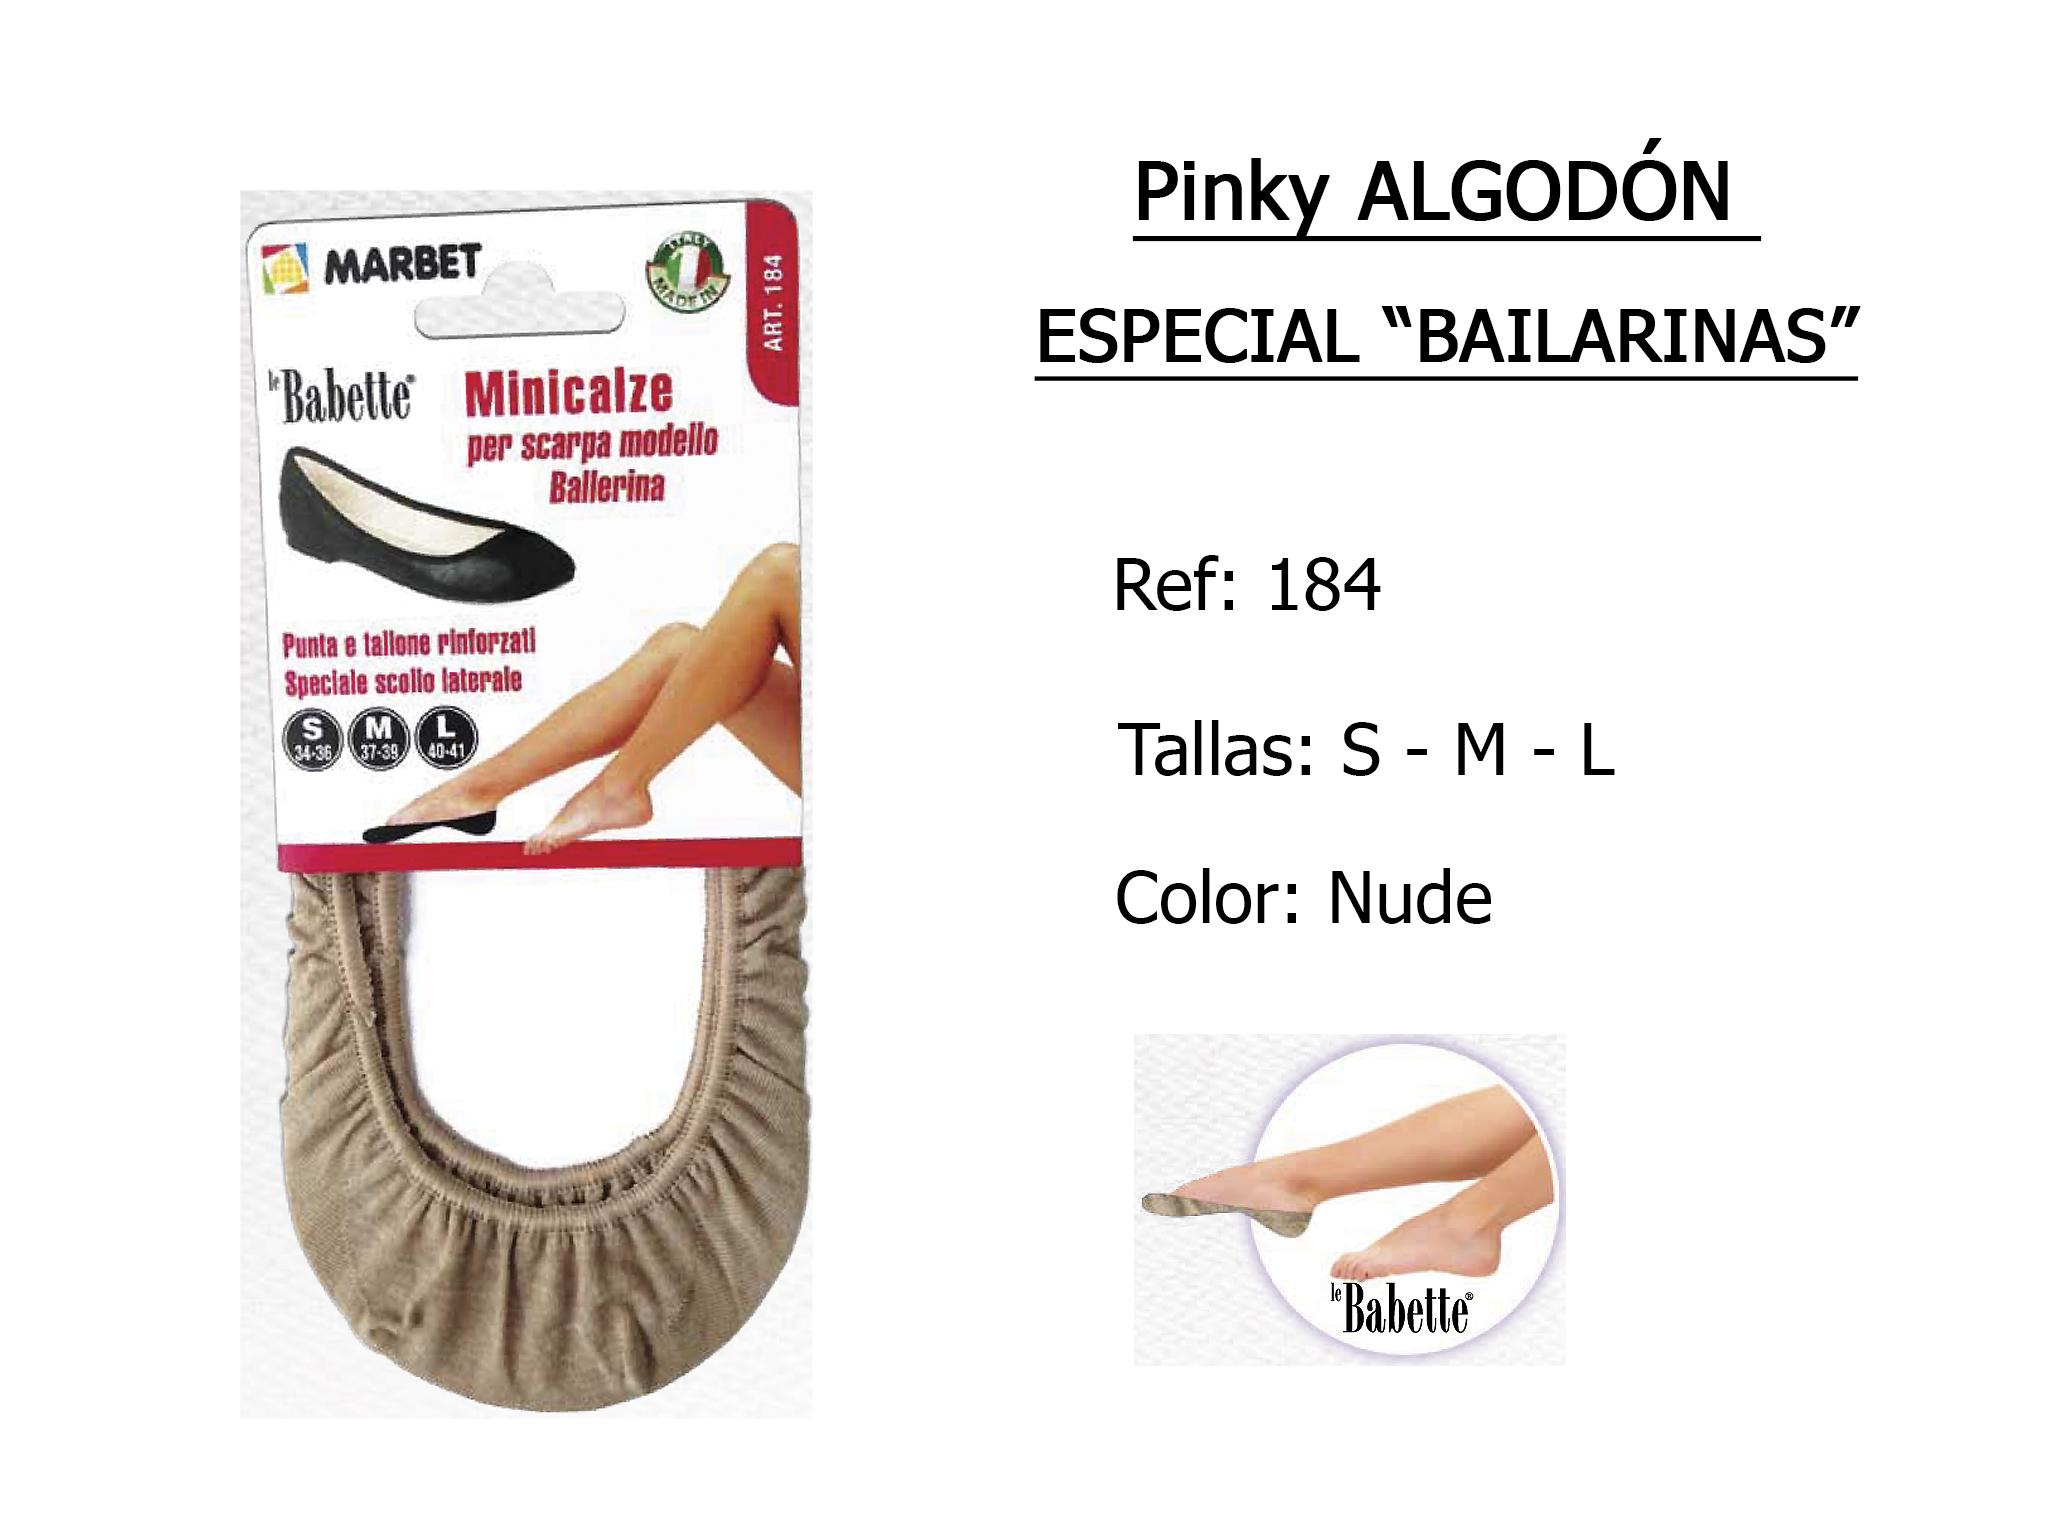 PINKY algodon especial bailarinas 184